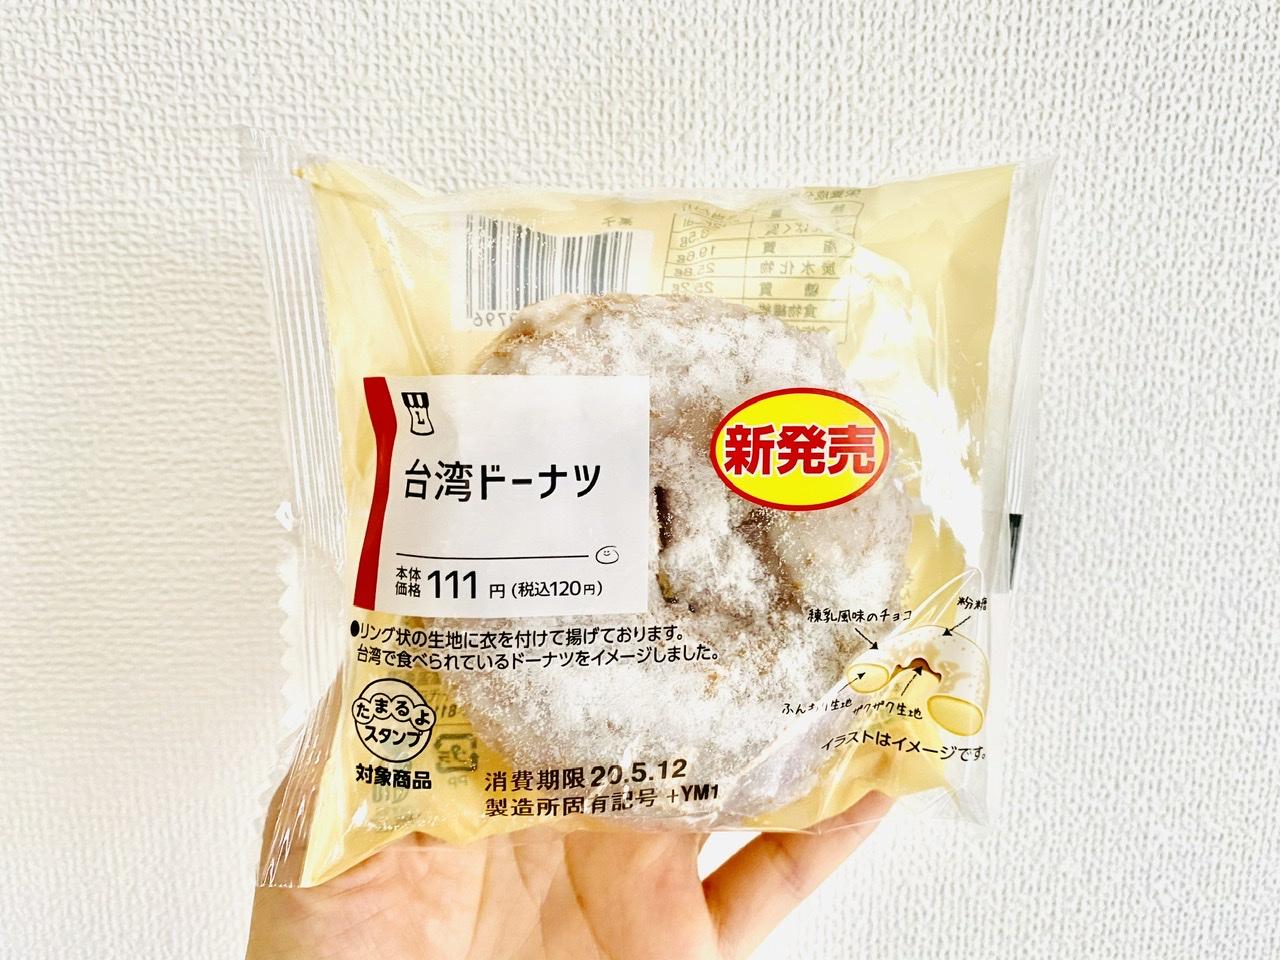 【ローソン】SNSで話題沸騰!カリふわ食感が絶妙《台湾ドーナツ》を食べてみた♡_4